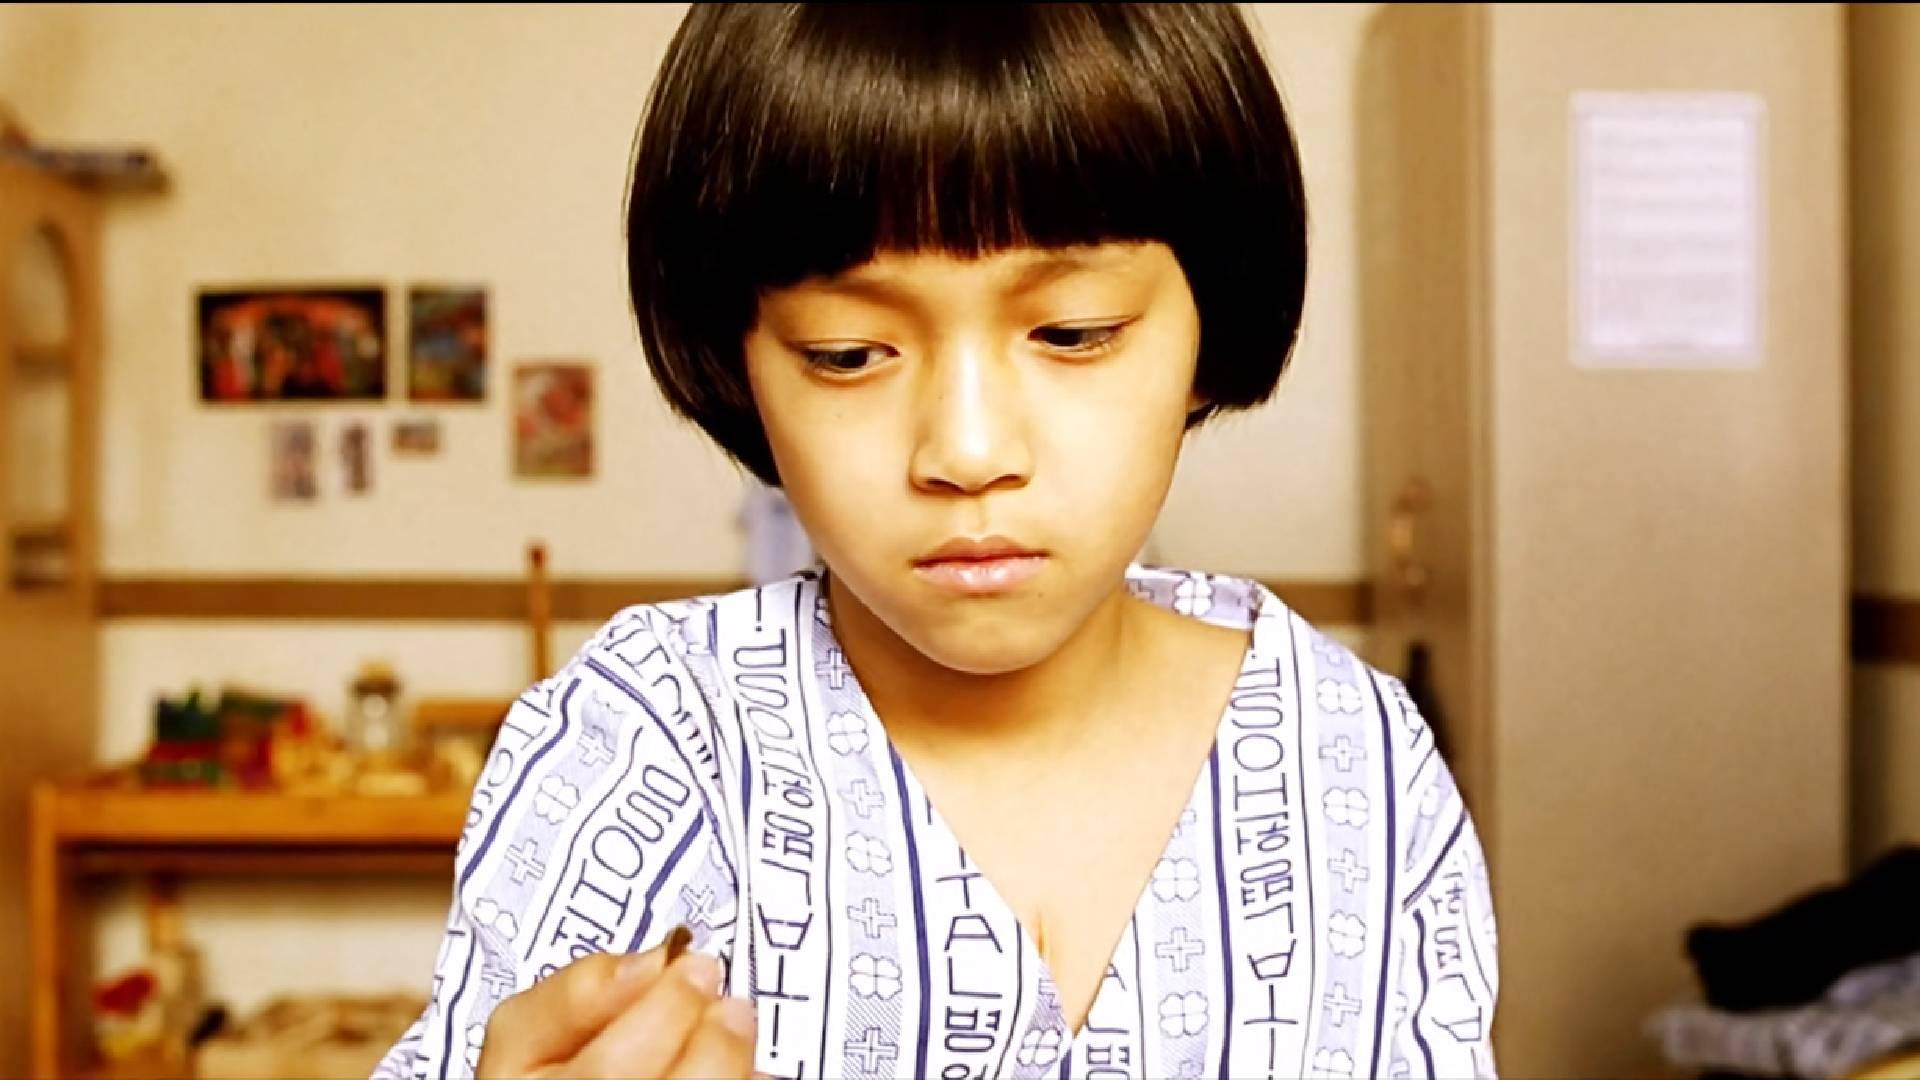 真实事件改编,10岁男孩心脏病手术后,变成恐怖恶魔!